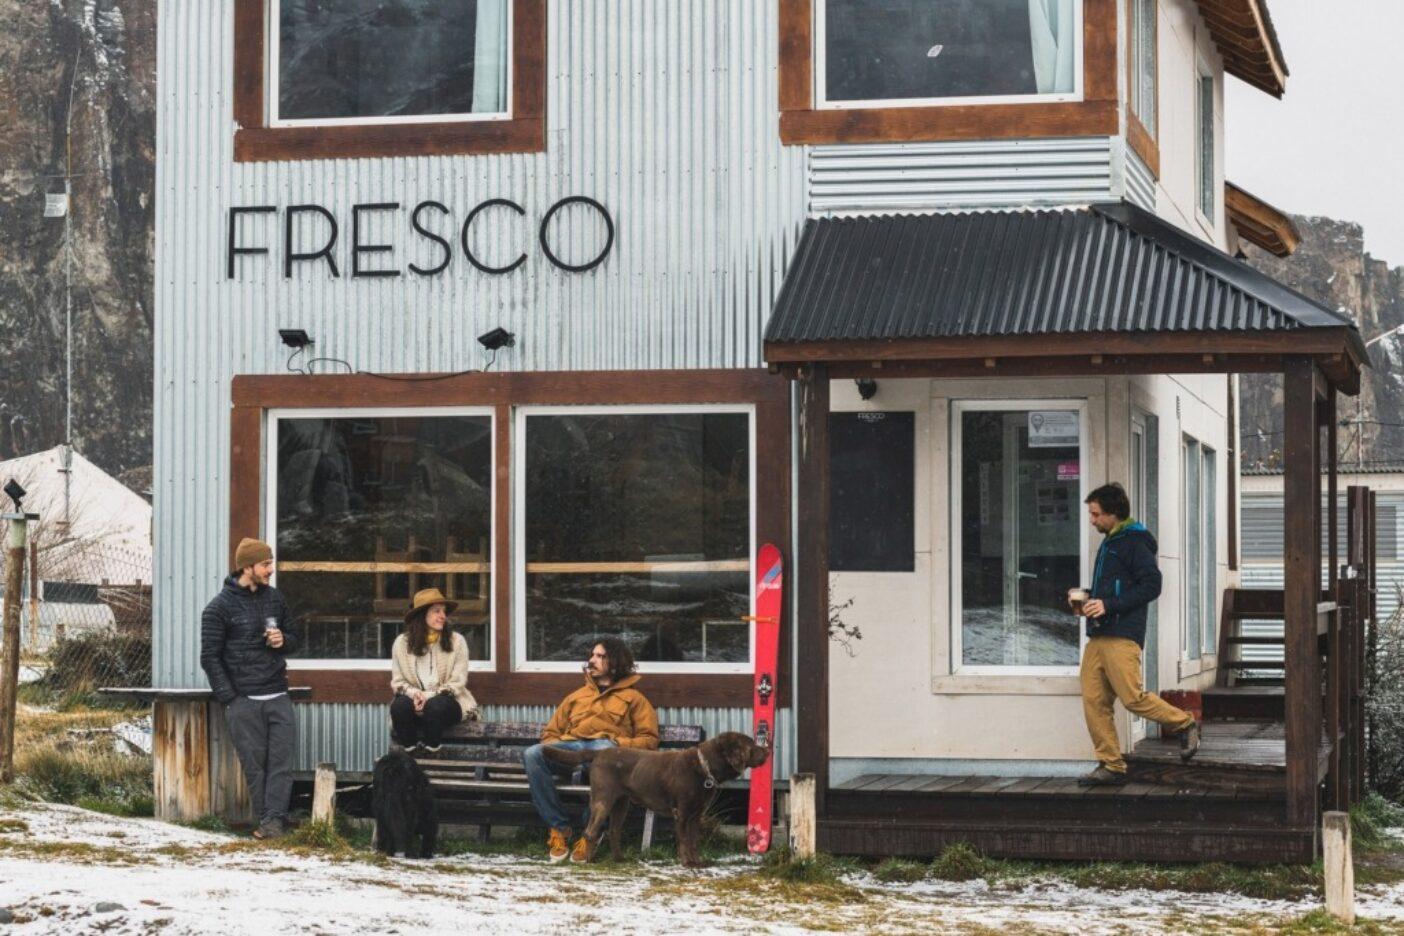 チャルテンのアフタースキー:バー「フレスコ」のオーナー、ガズマンと友人らは、昼下がりのIPAを片手に、この村のゆったりとした冬を楽しむ。日が短い間はそれに合わせてハッピーアワーも数時間繰り上がる。アルゼンチン 写真:マシュー・タフツ